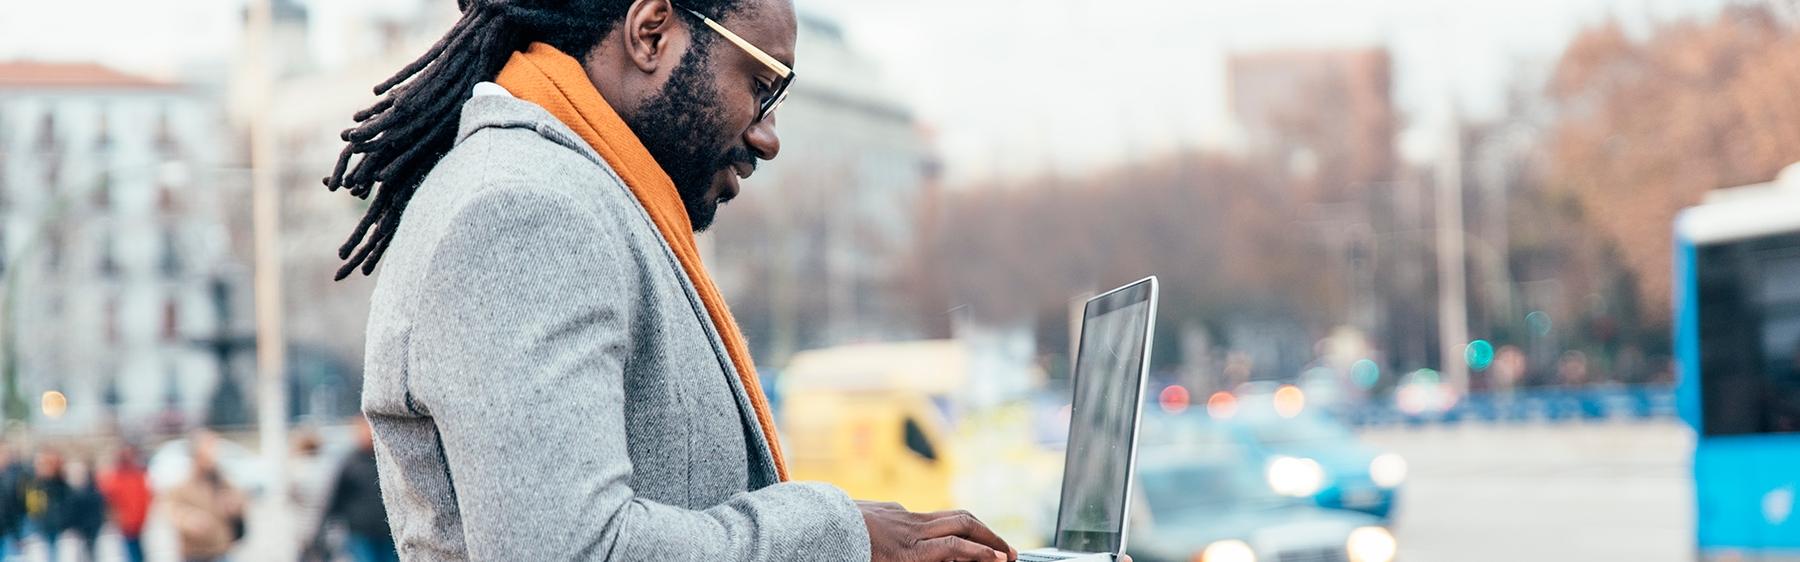 Viajante usando seu notebook em uma área pública, pesquisando sobre como planejar uma viagem.